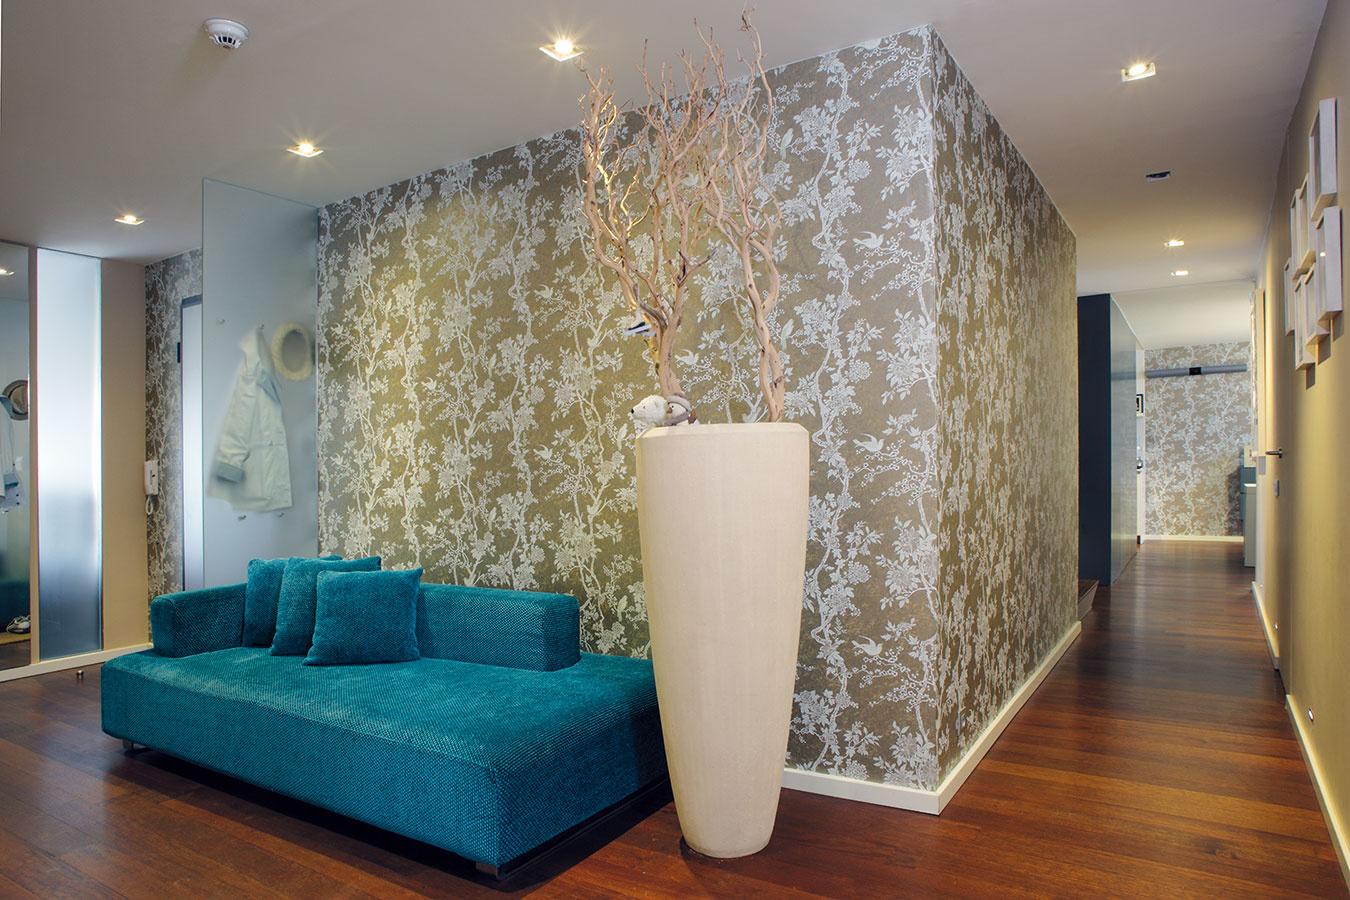 Jednoduché elegantné zariadenie bytu ozvláštňujú farby na stenách anajmä tapety. Majitelia sfarbami radi experimentujú adožičia si tak zčasu na čas pomerne nenáročnú zmenu.